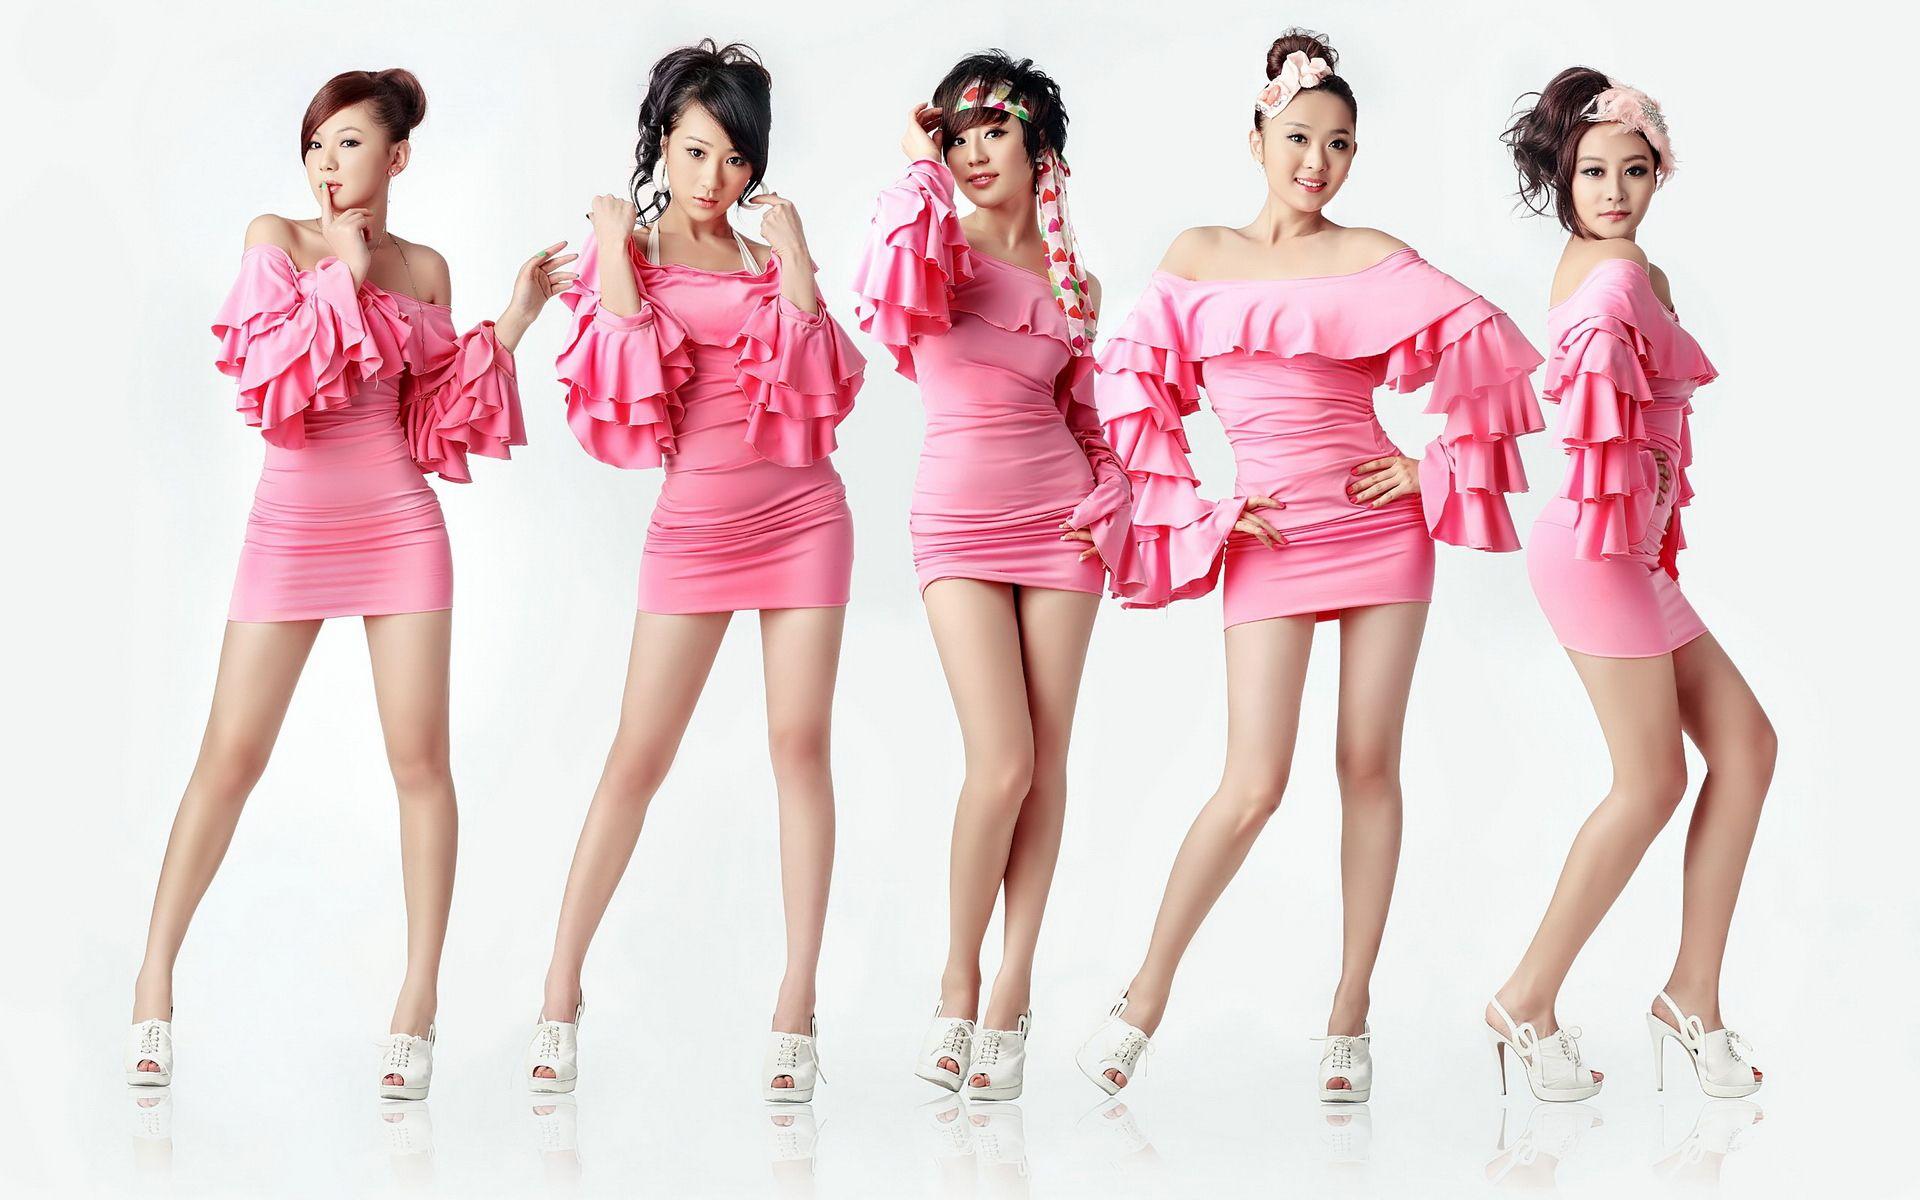 最性感的舞蹈_中国最性感舞剧 莲 长沙开演 曾因大尺度遭禁